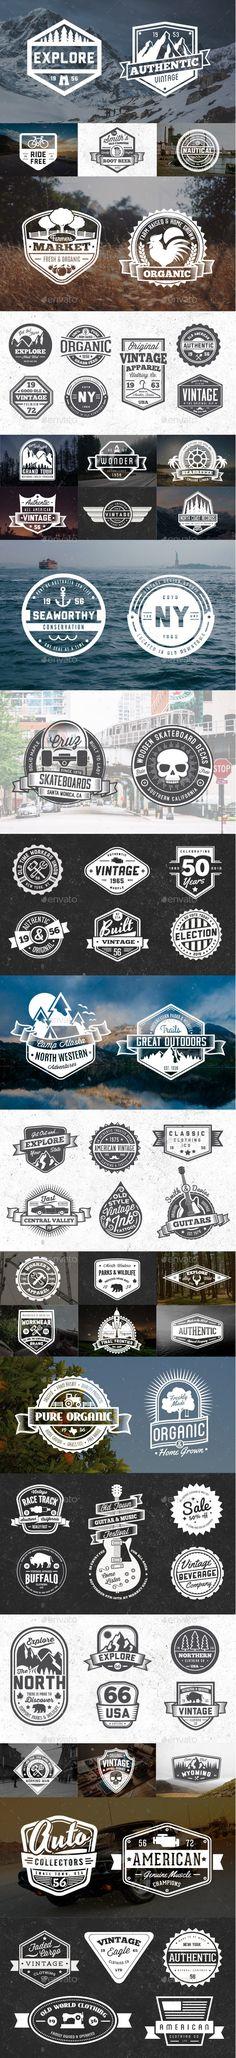 65 Vintage Badges and Logos Bundle #design Download: http://graphicriver.net/item/65-vintage-badges-and-logos-bundle/11118584?ref=ksioks